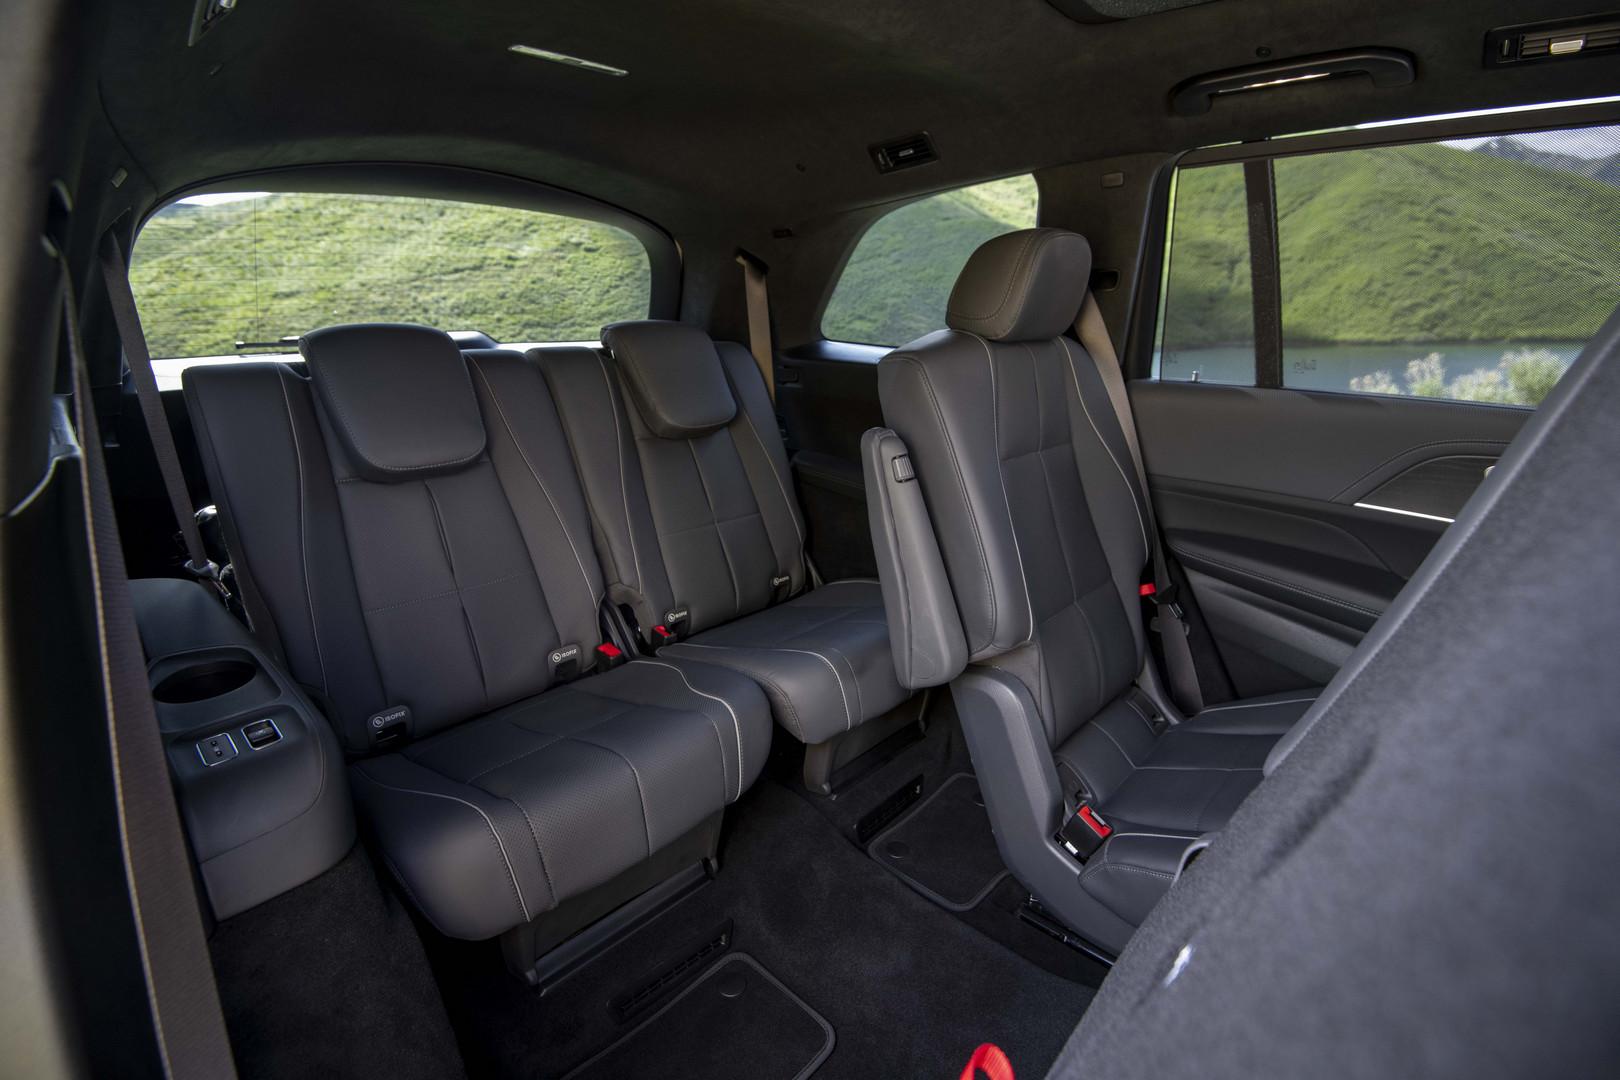 2020 Mercedes-Benz GLS 3rd Row Seats